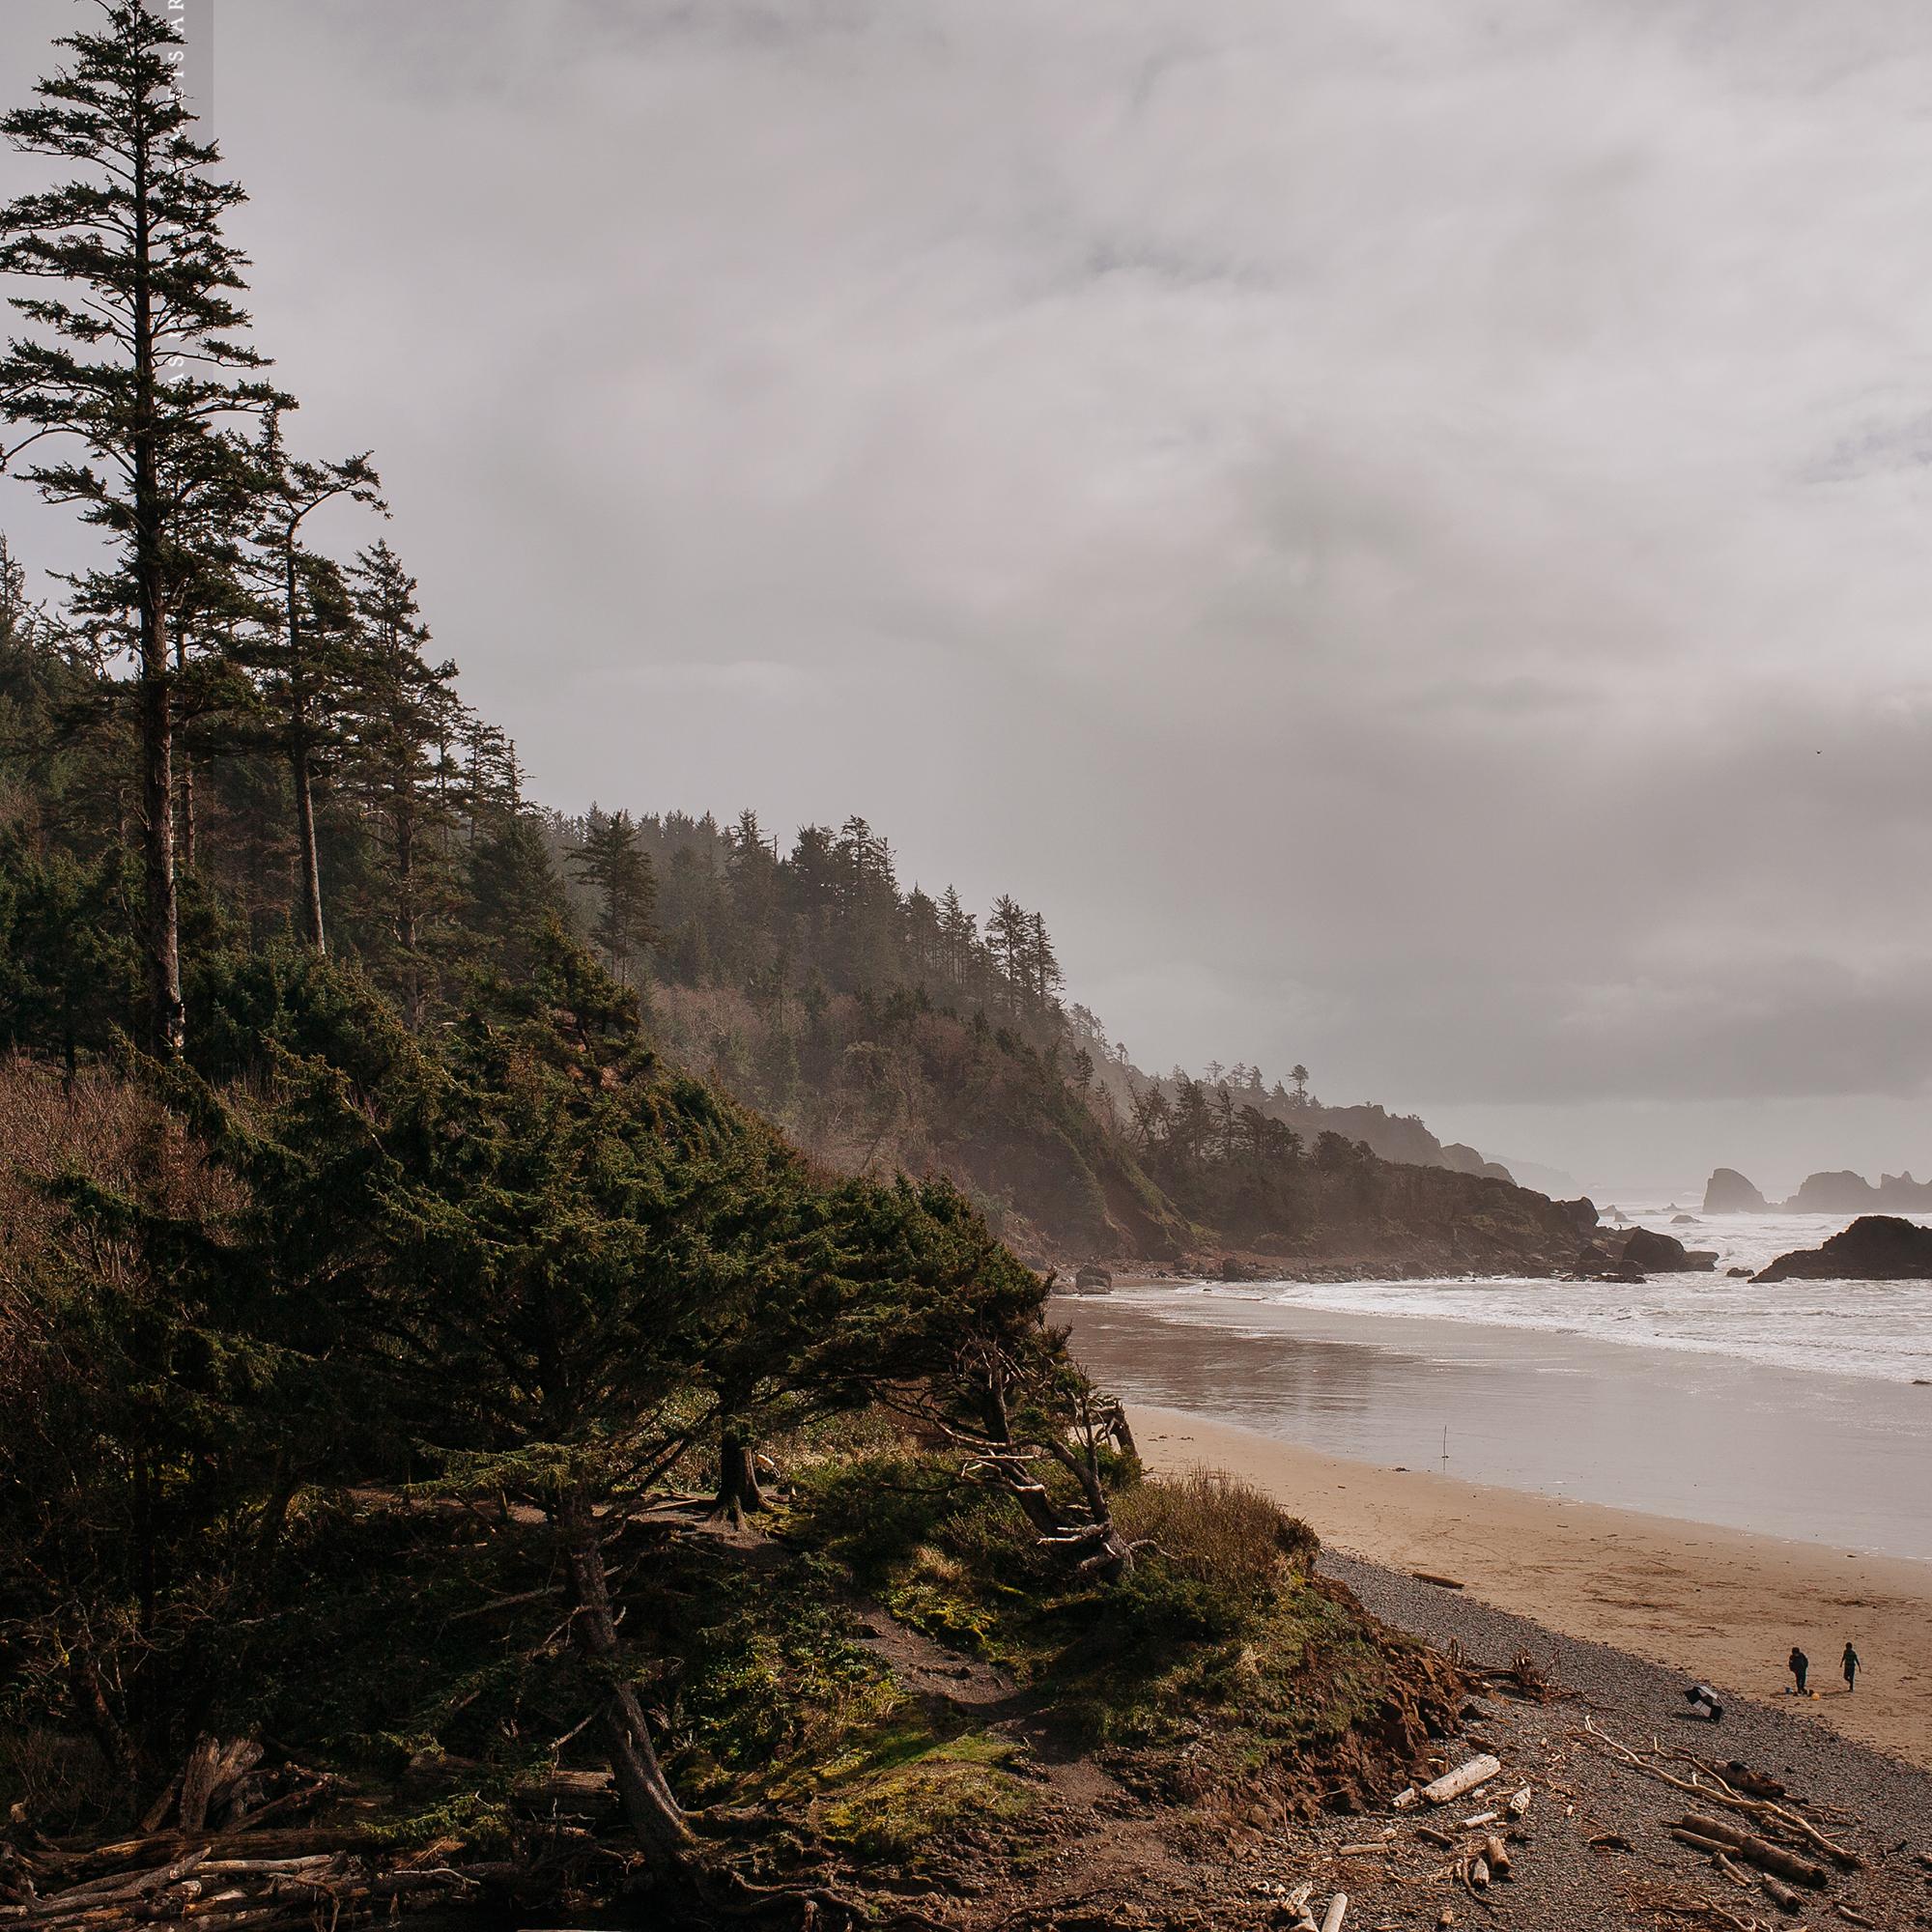 ecola-state-park-cannon-beach-oregon-coast-elena-wilken.jpg